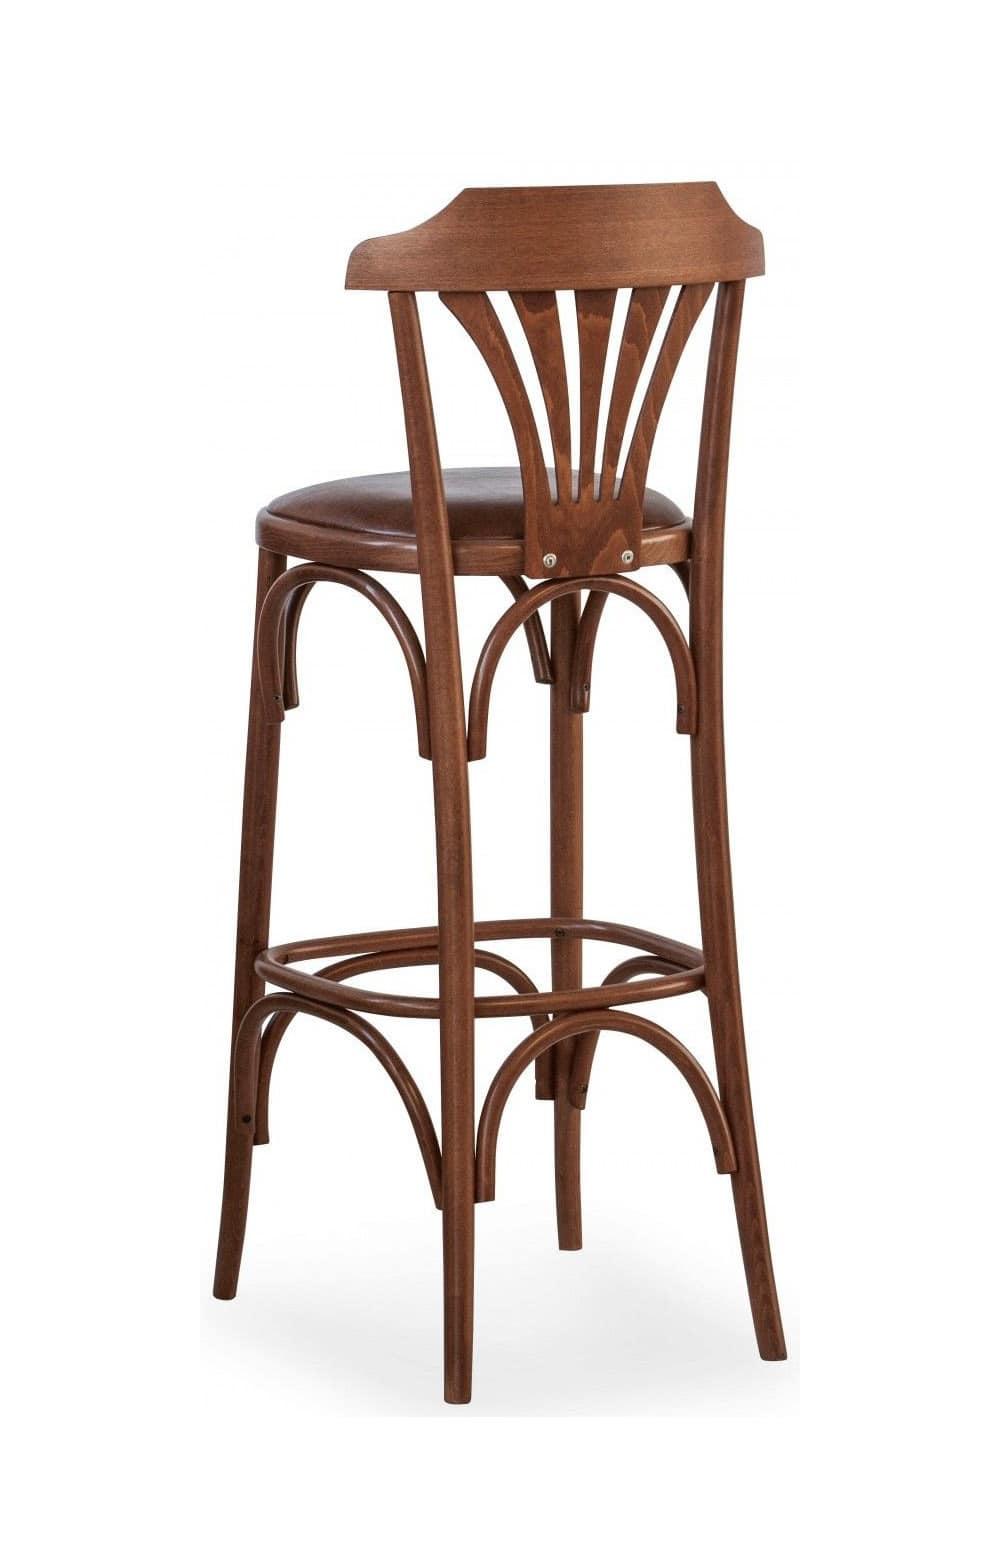 B05, Sgabello in legno curvato, seduta imbottita, per bar, pub e fast food